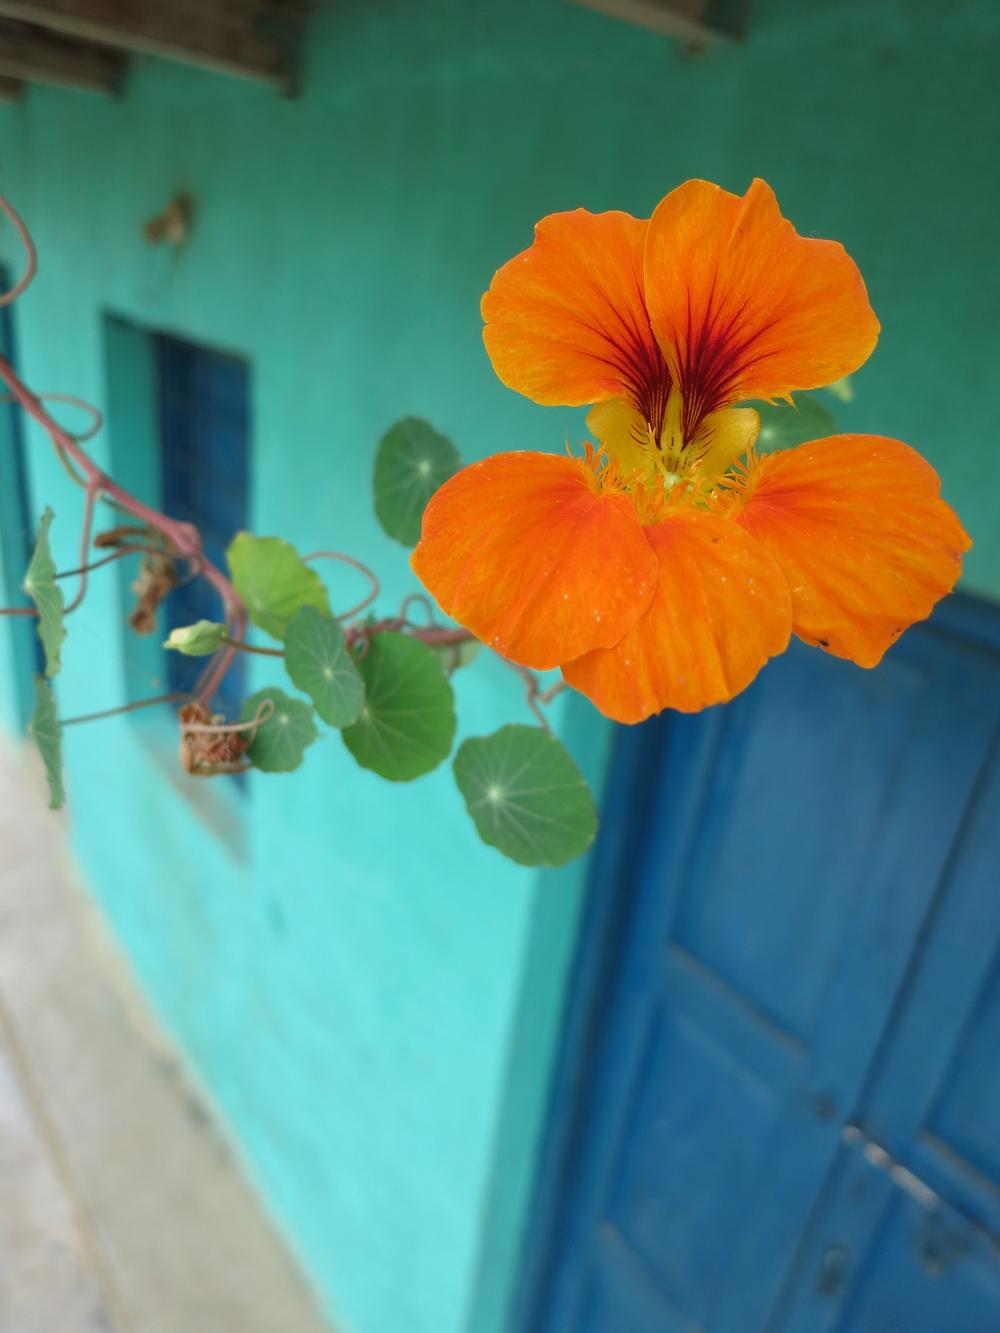 ang_nepal:india_0171.jpg